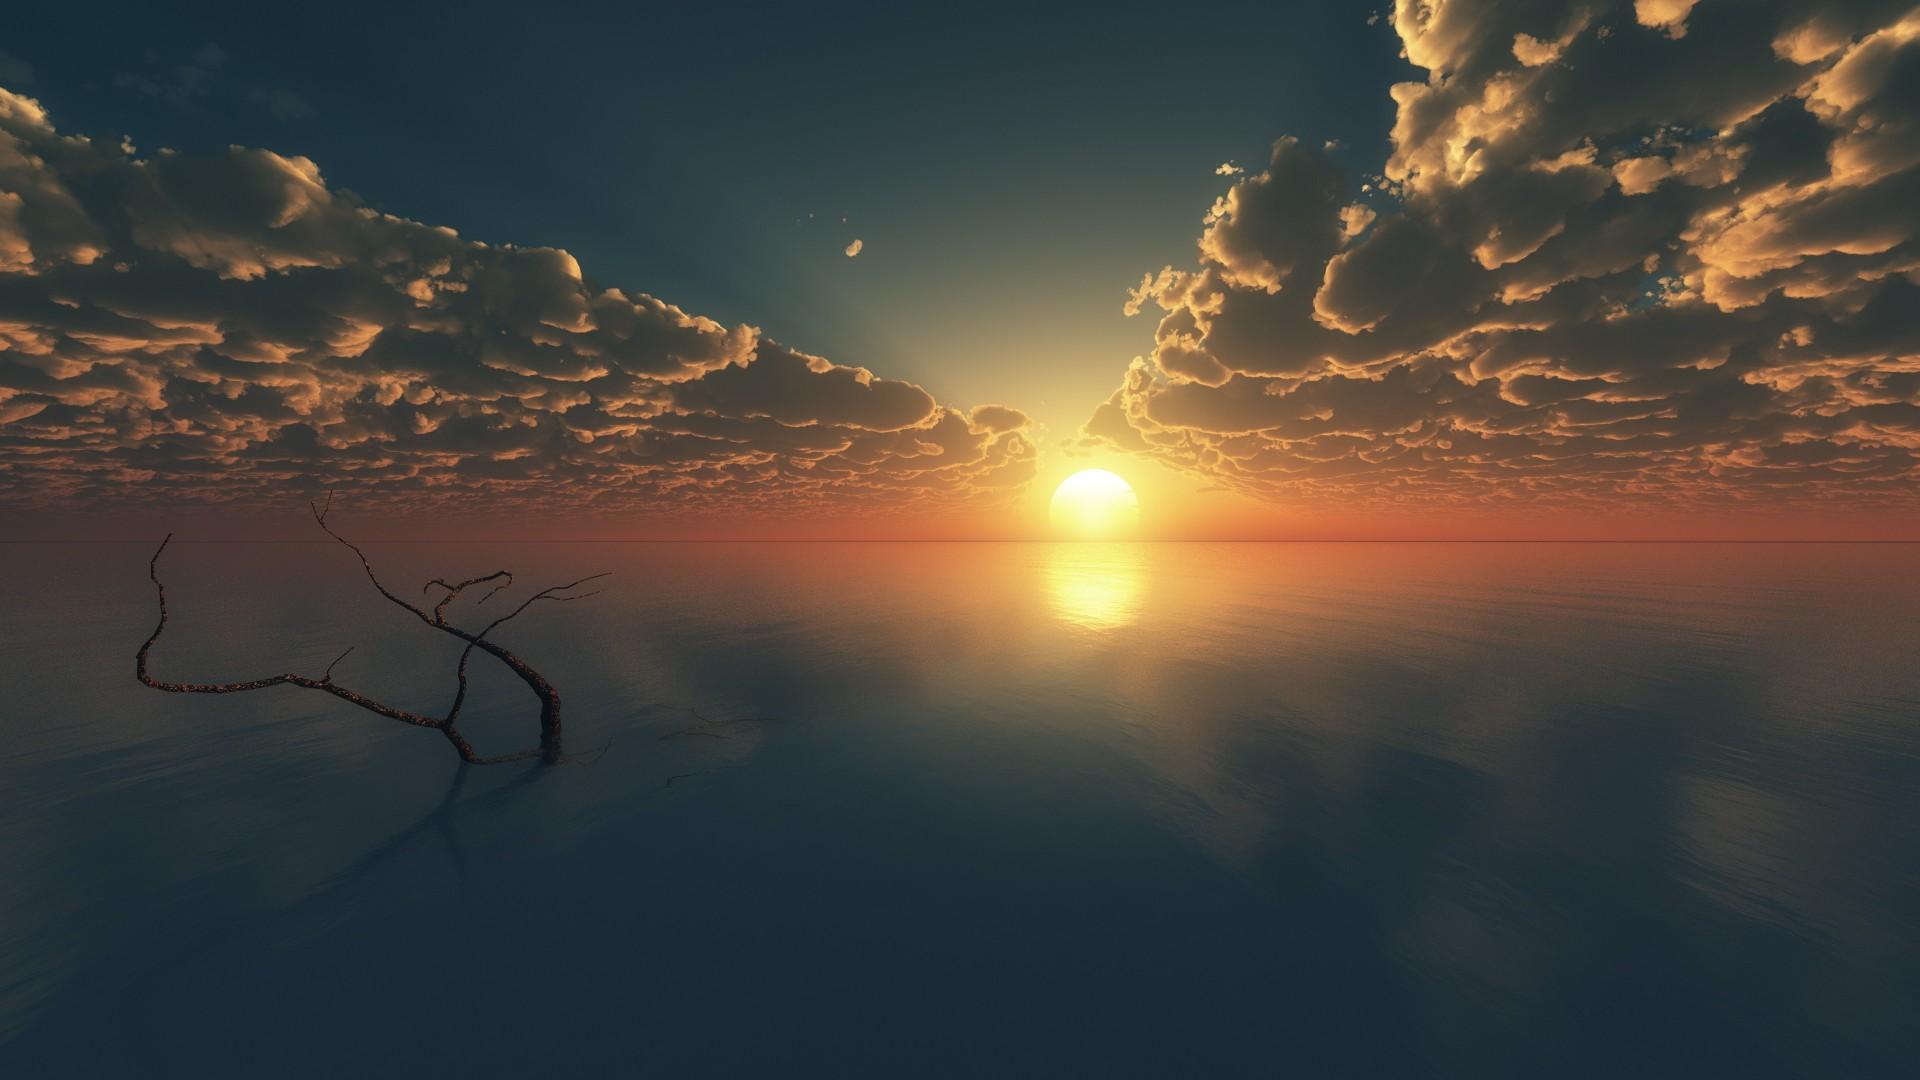 Wallpaper Sky, 4k, HD wallpaper, clouds, sunset, sunrise ...